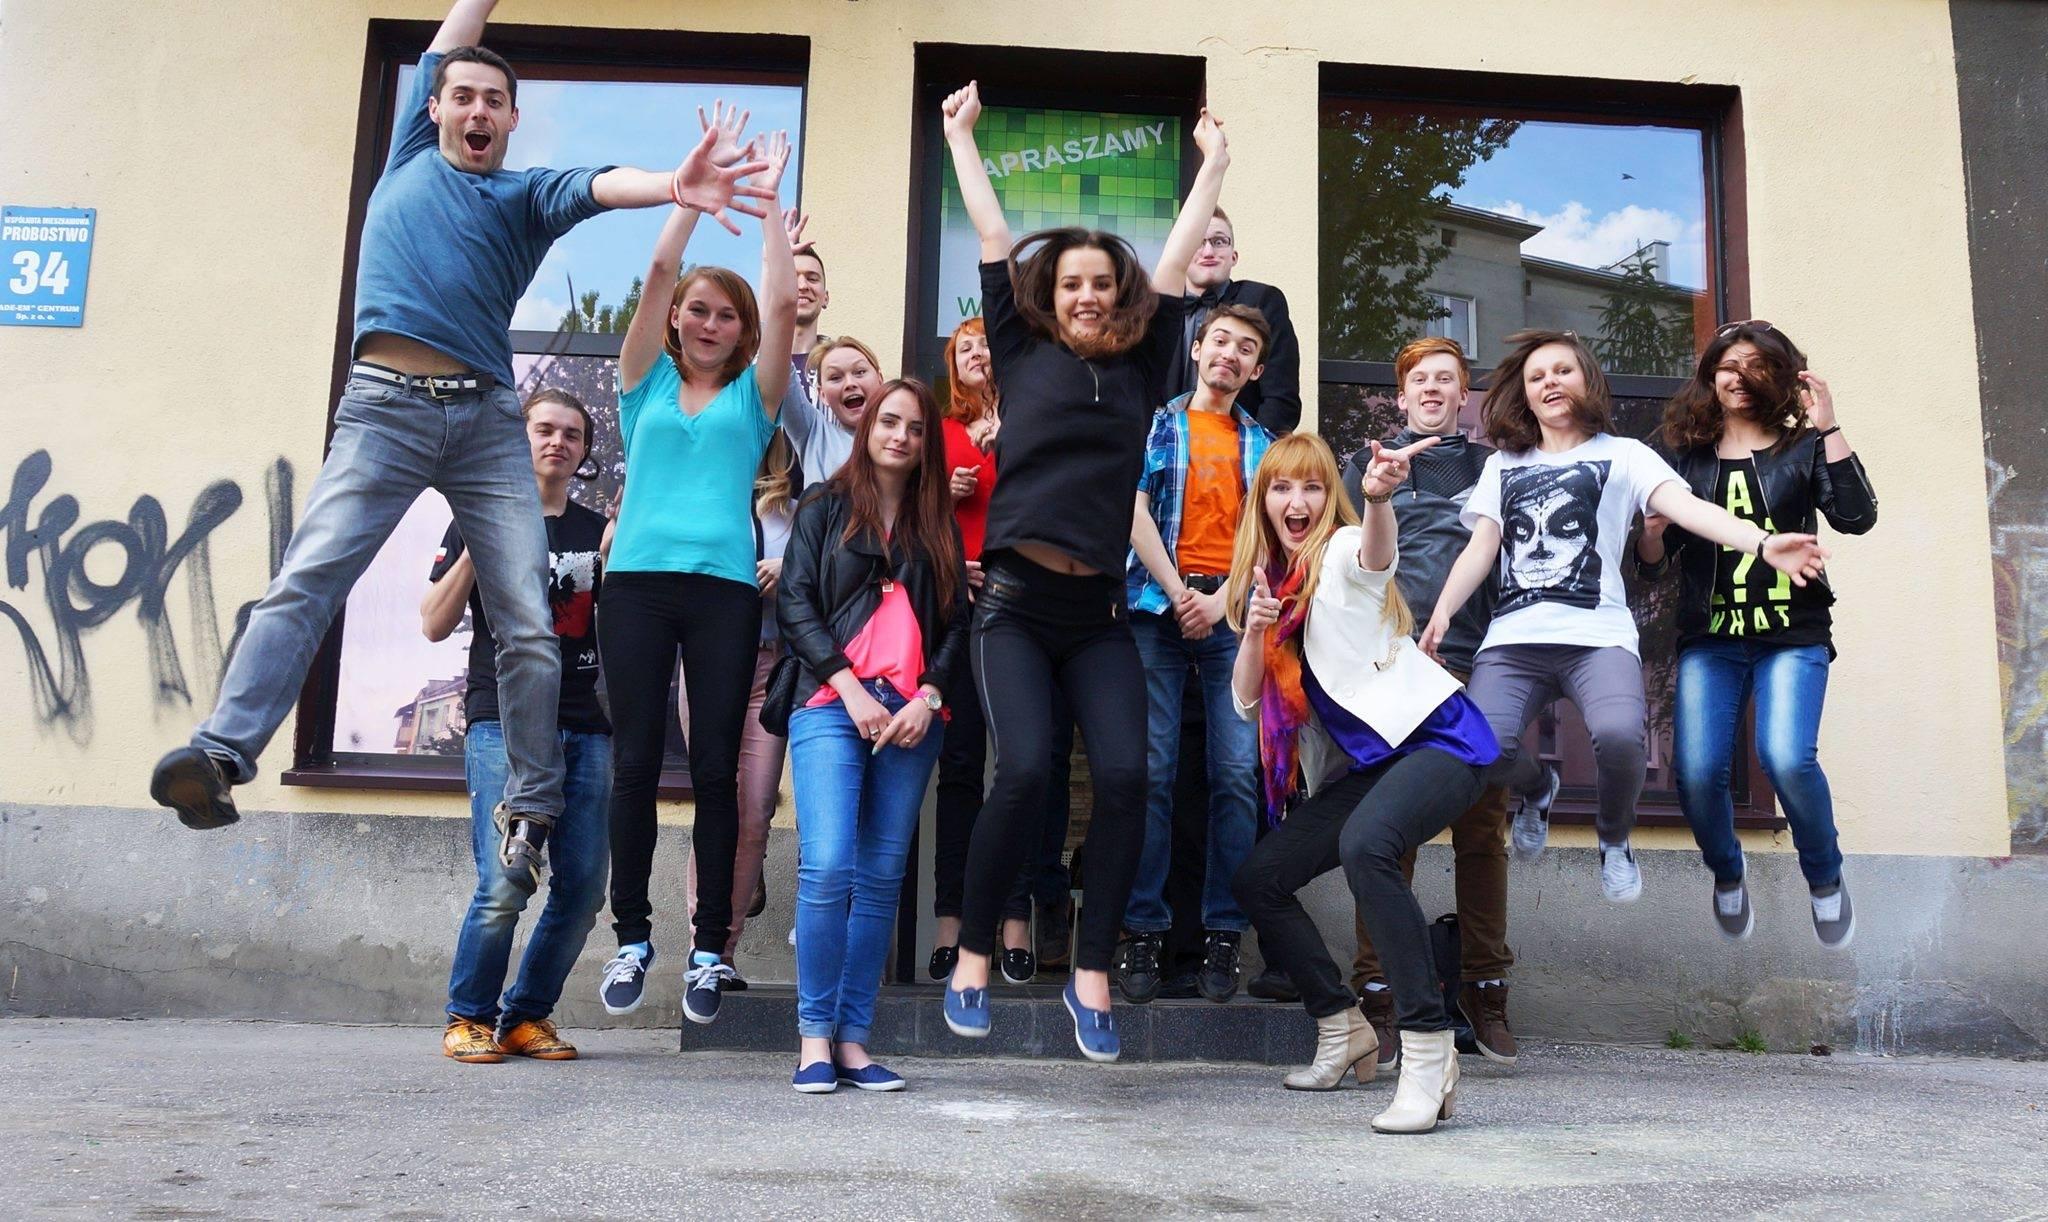 Lubelsko-Europejki Tydzień Młodzieży